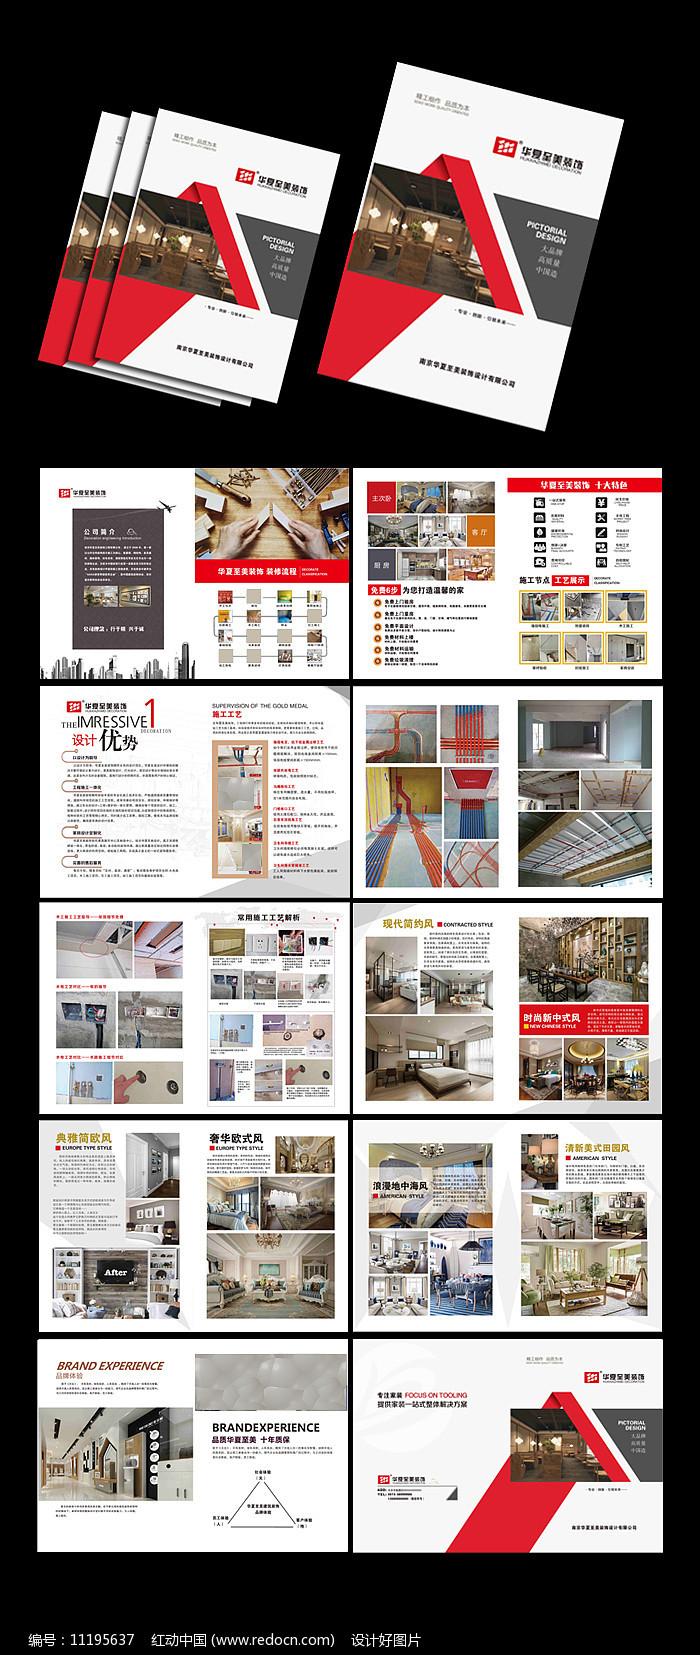 时尚大气装饰公司画册施工工艺装修风格案例图片